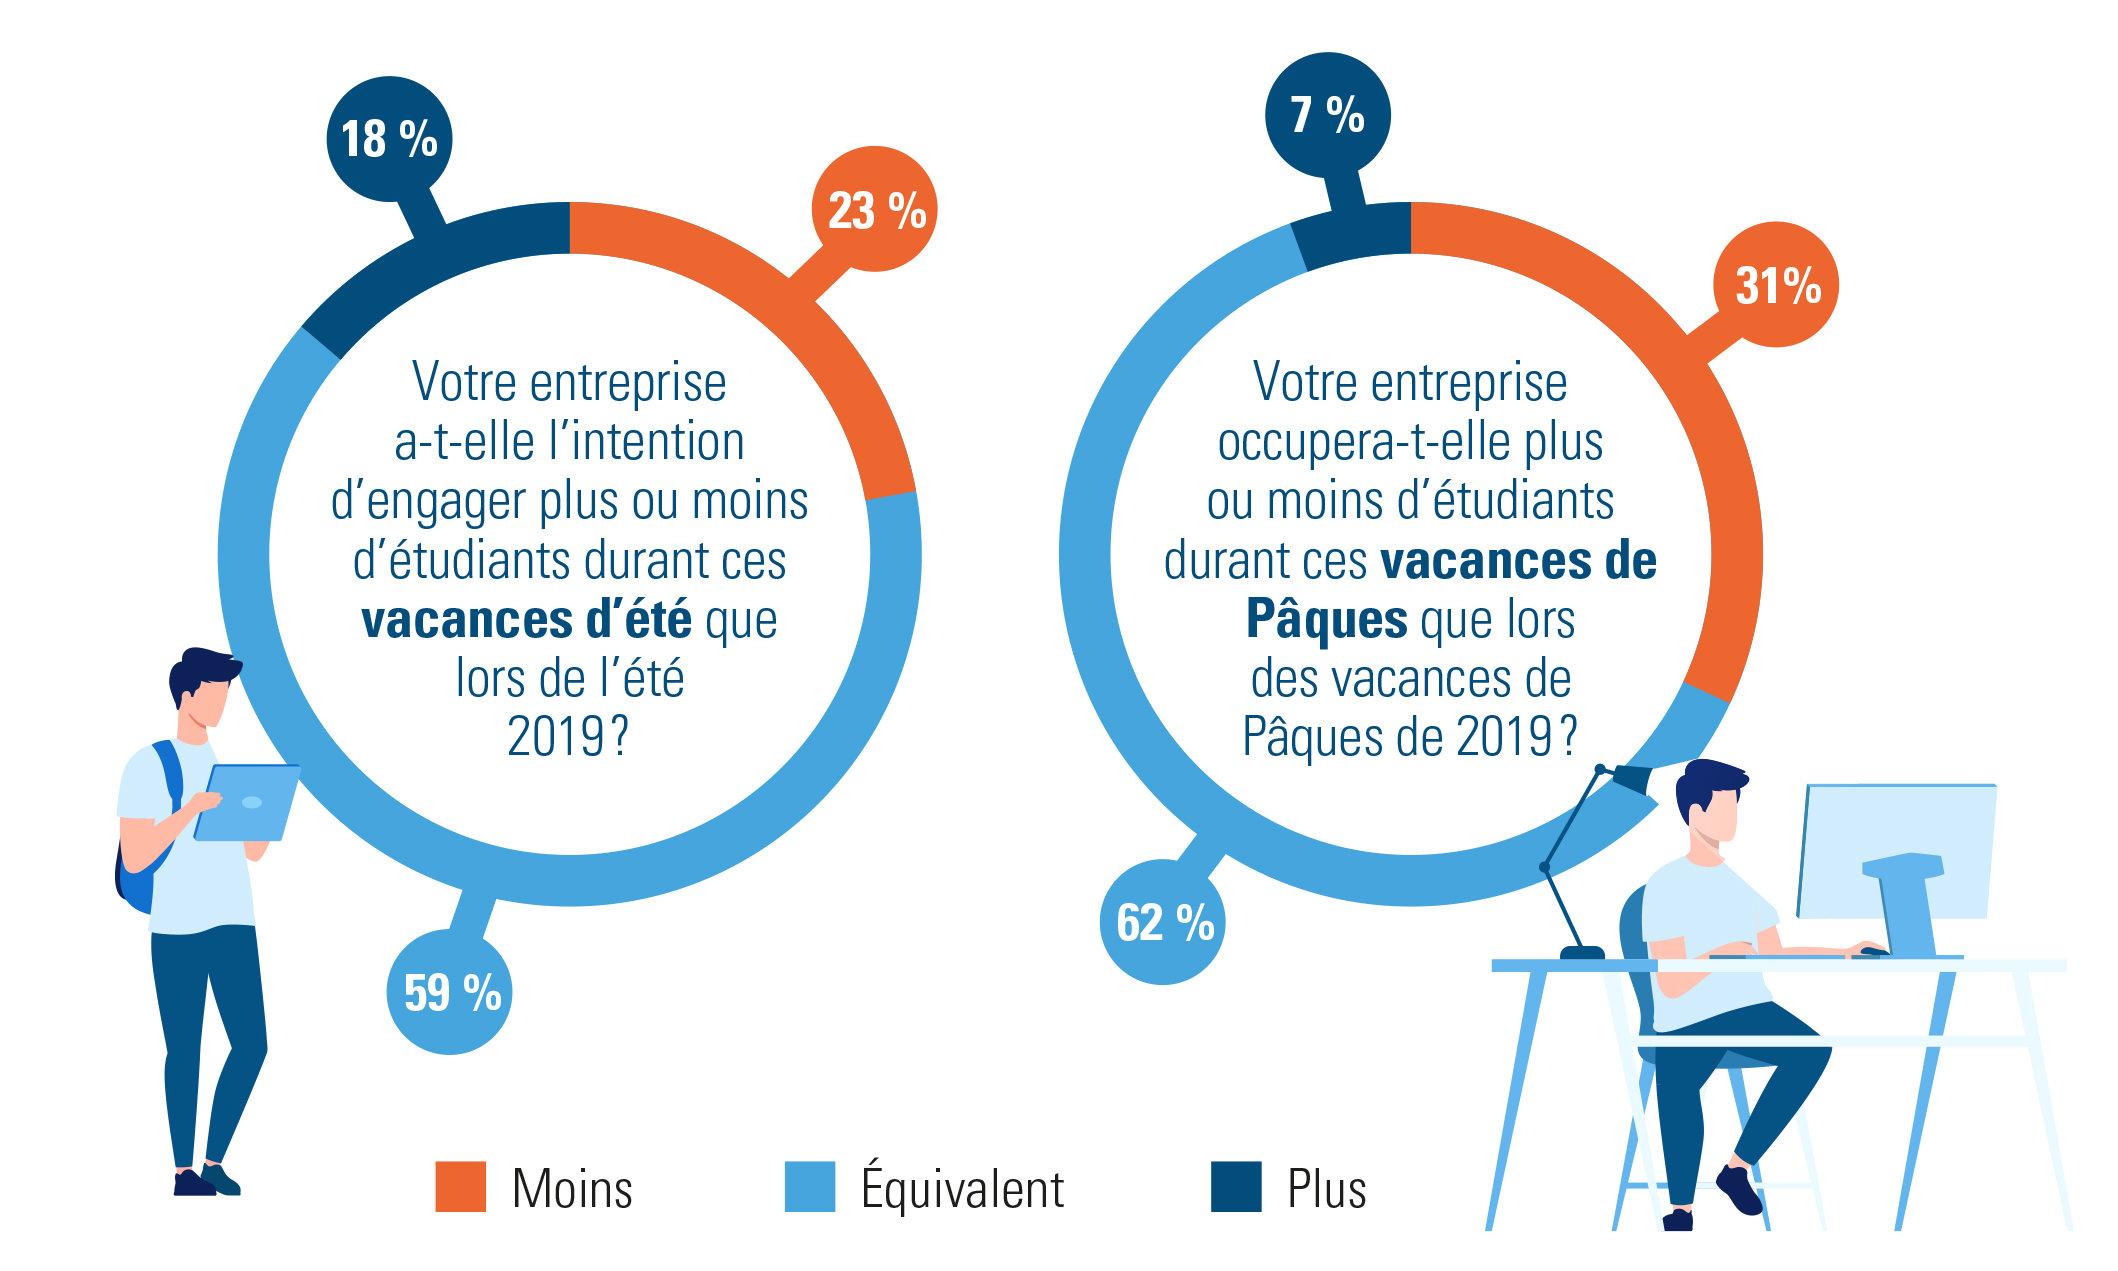 Occupation d'étudiants durant les vacances de Pâques (enquête dans le secteur des soins de santé et le secteur vert 2020)